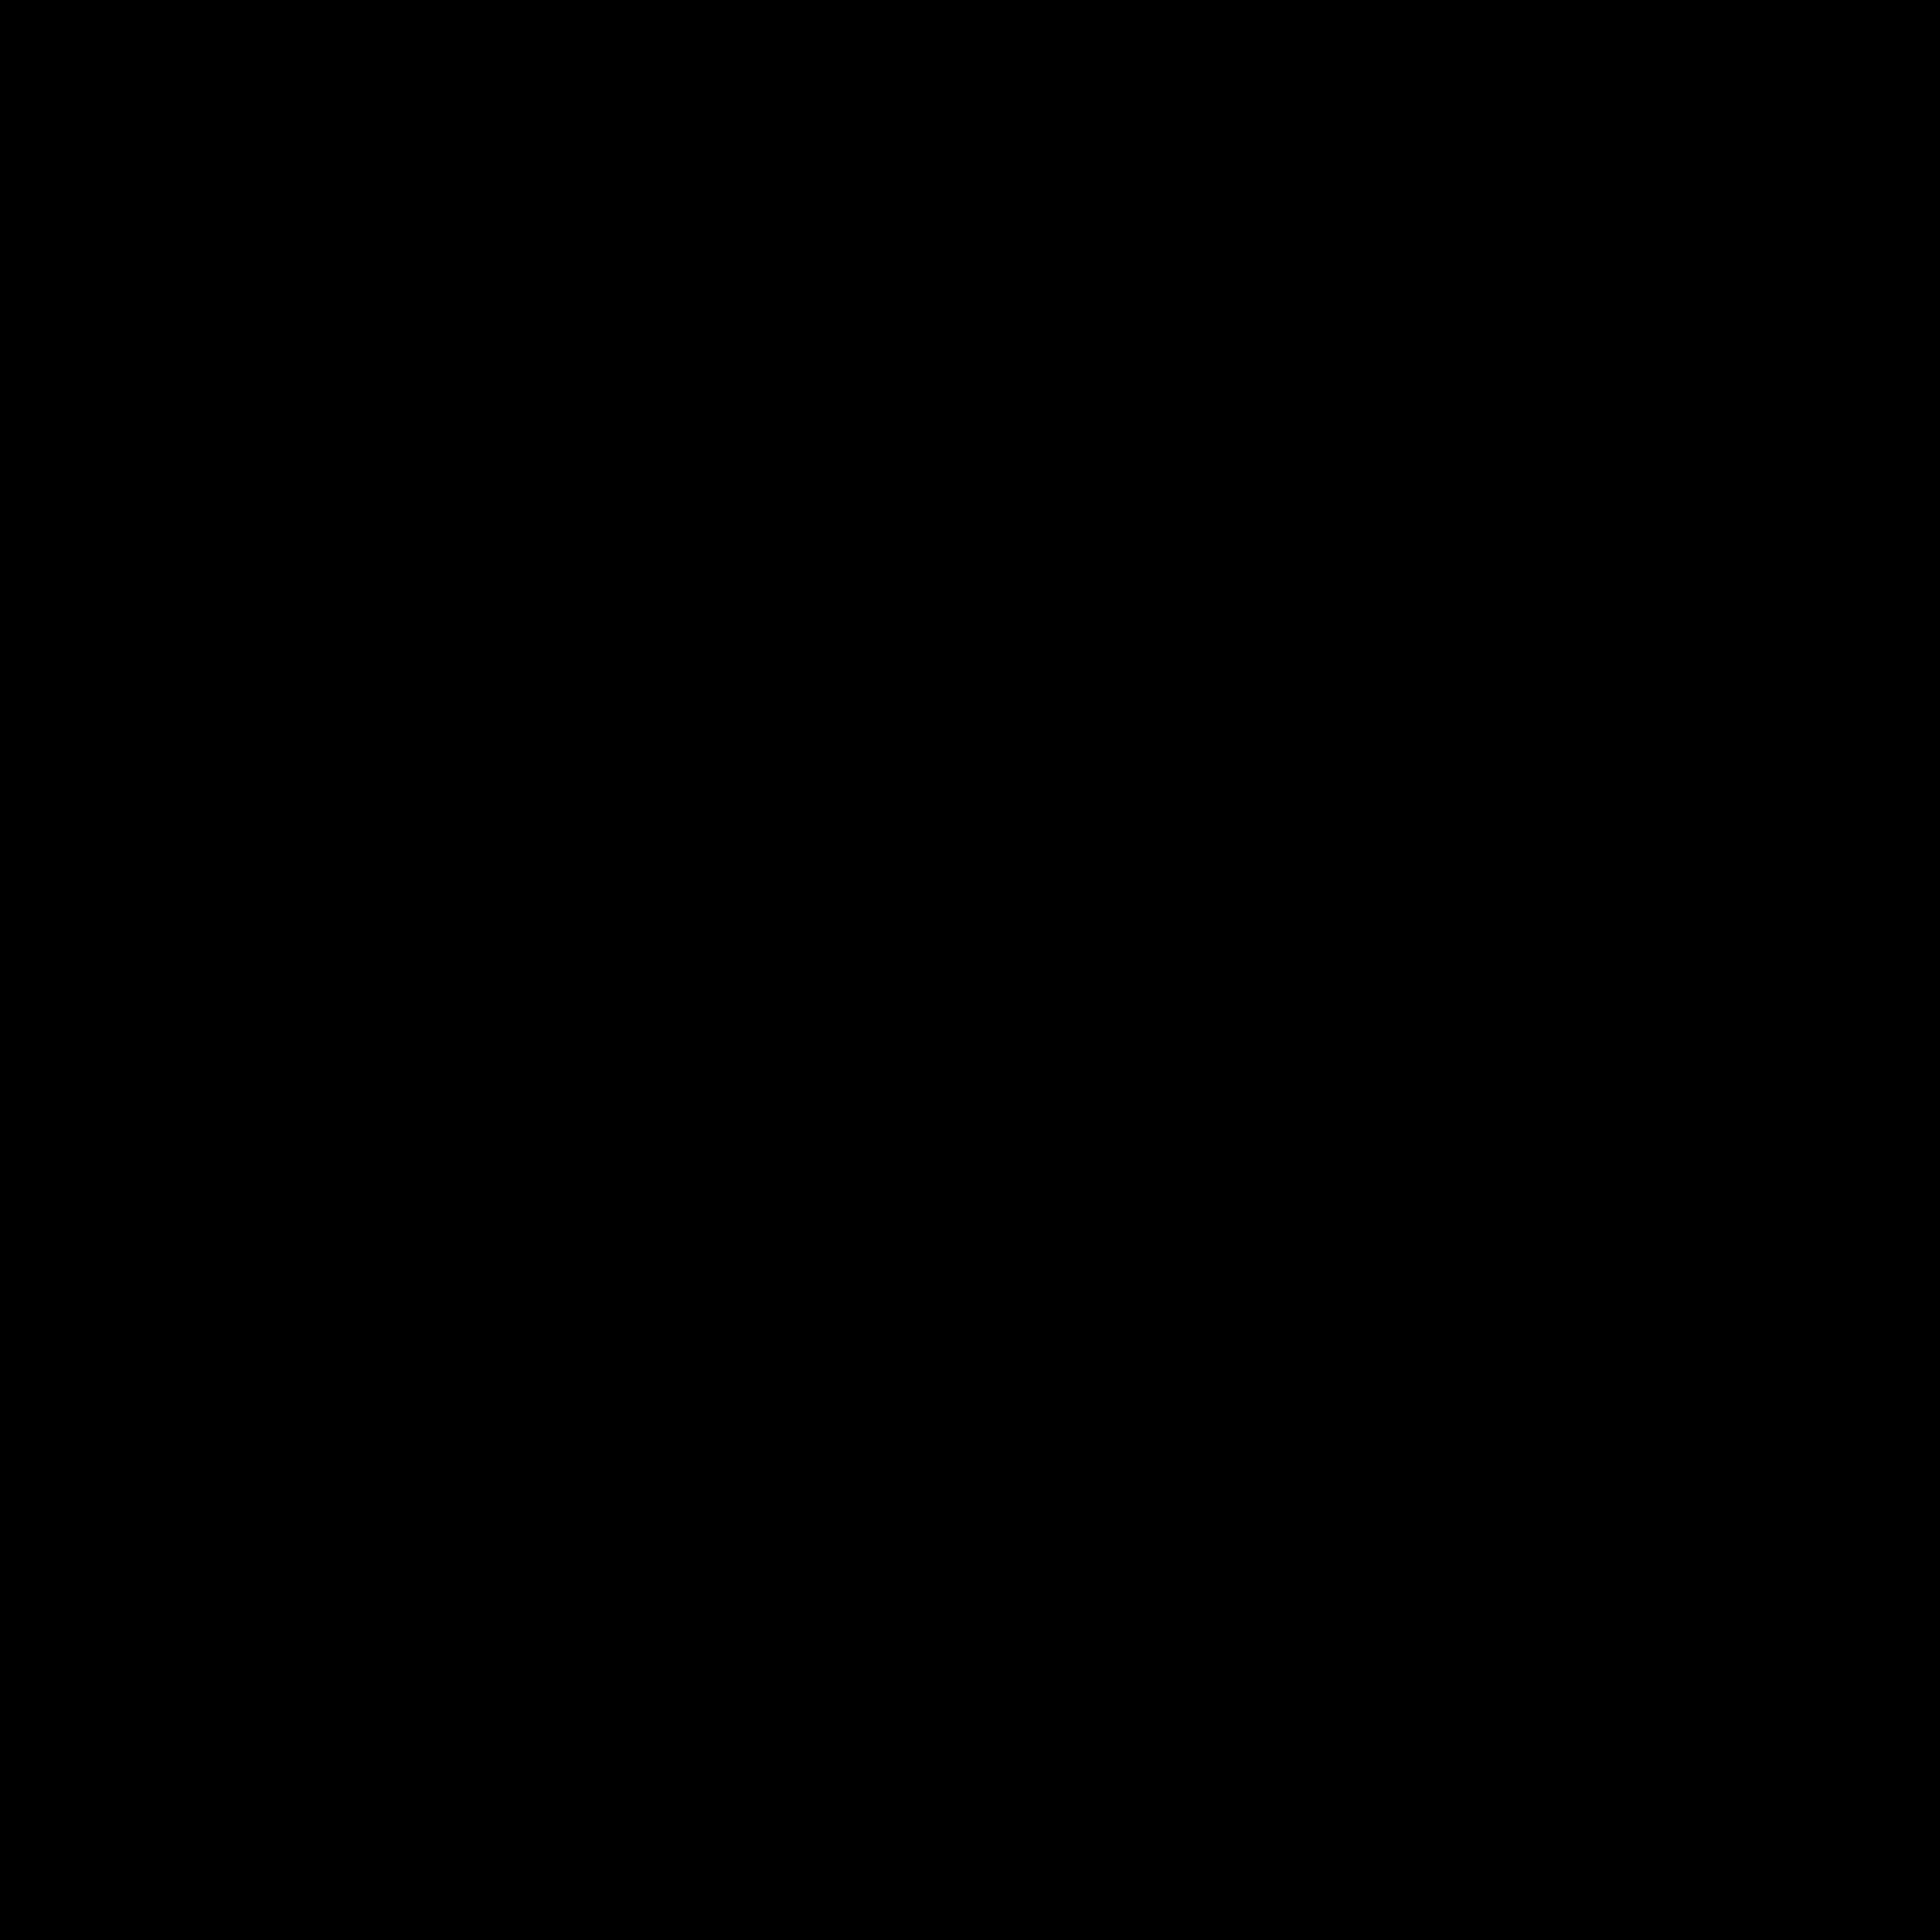 Dřevěná figurka sportrétem zvaší fotky